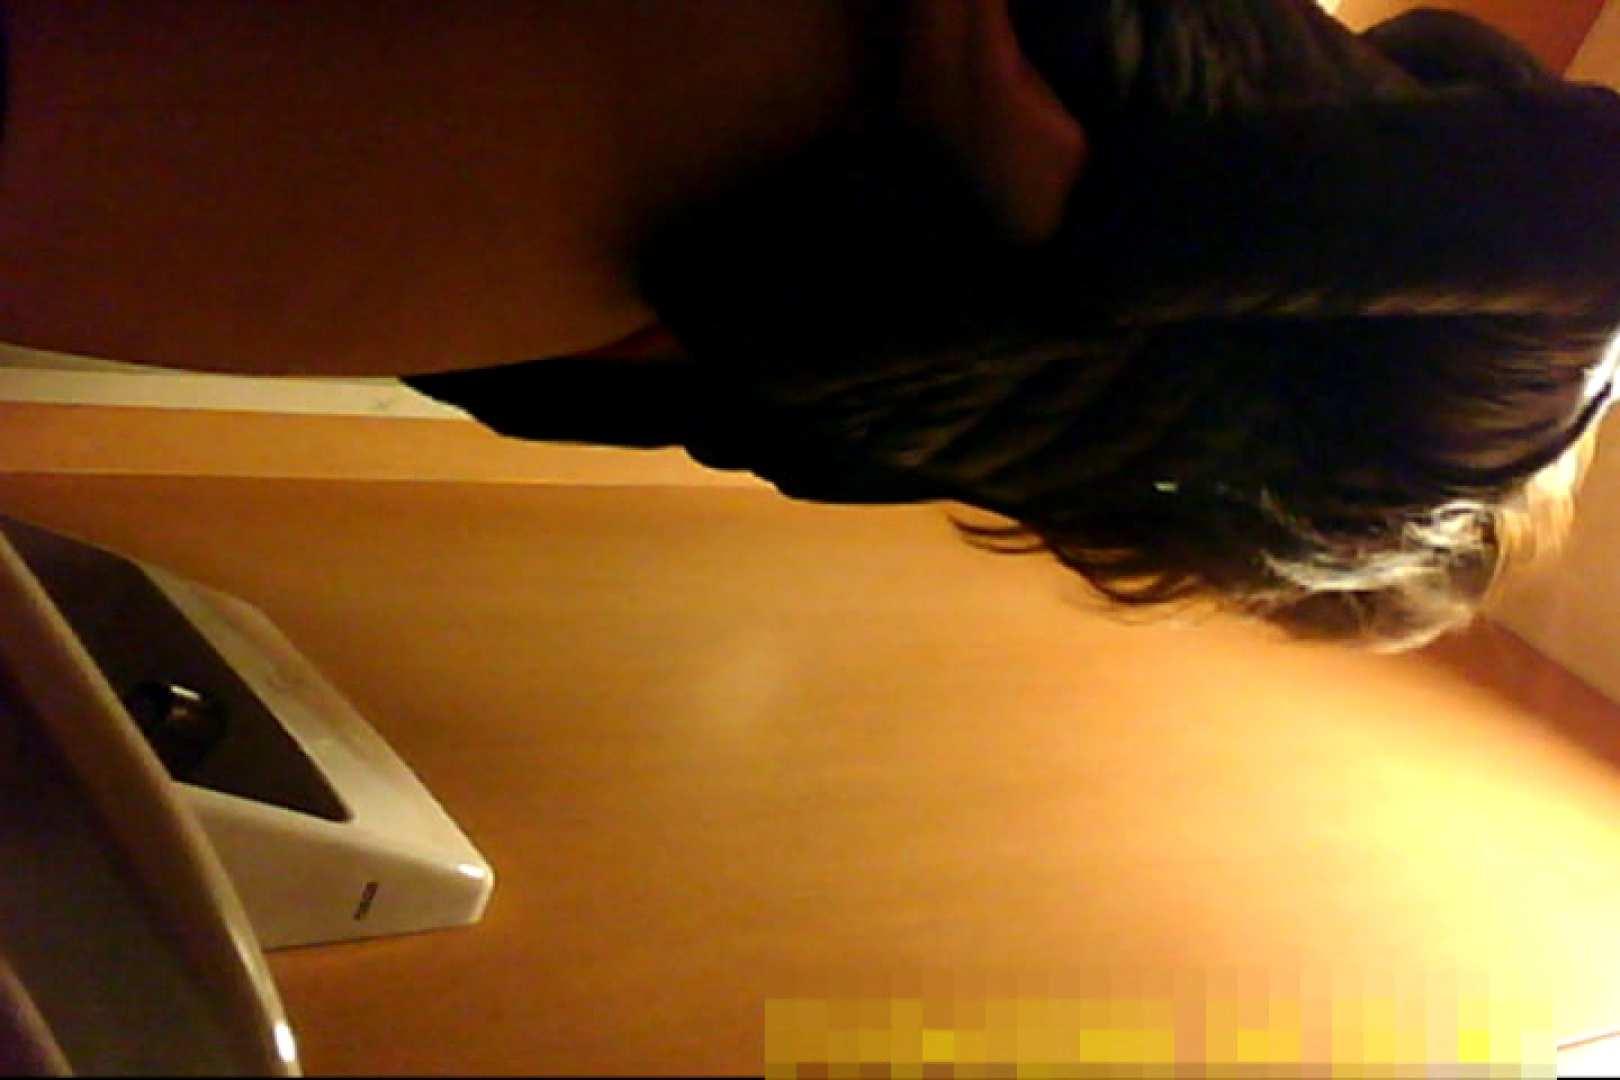 魅惑の化粧室~禁断のプライベート空間~33 プライベート  91画像 90